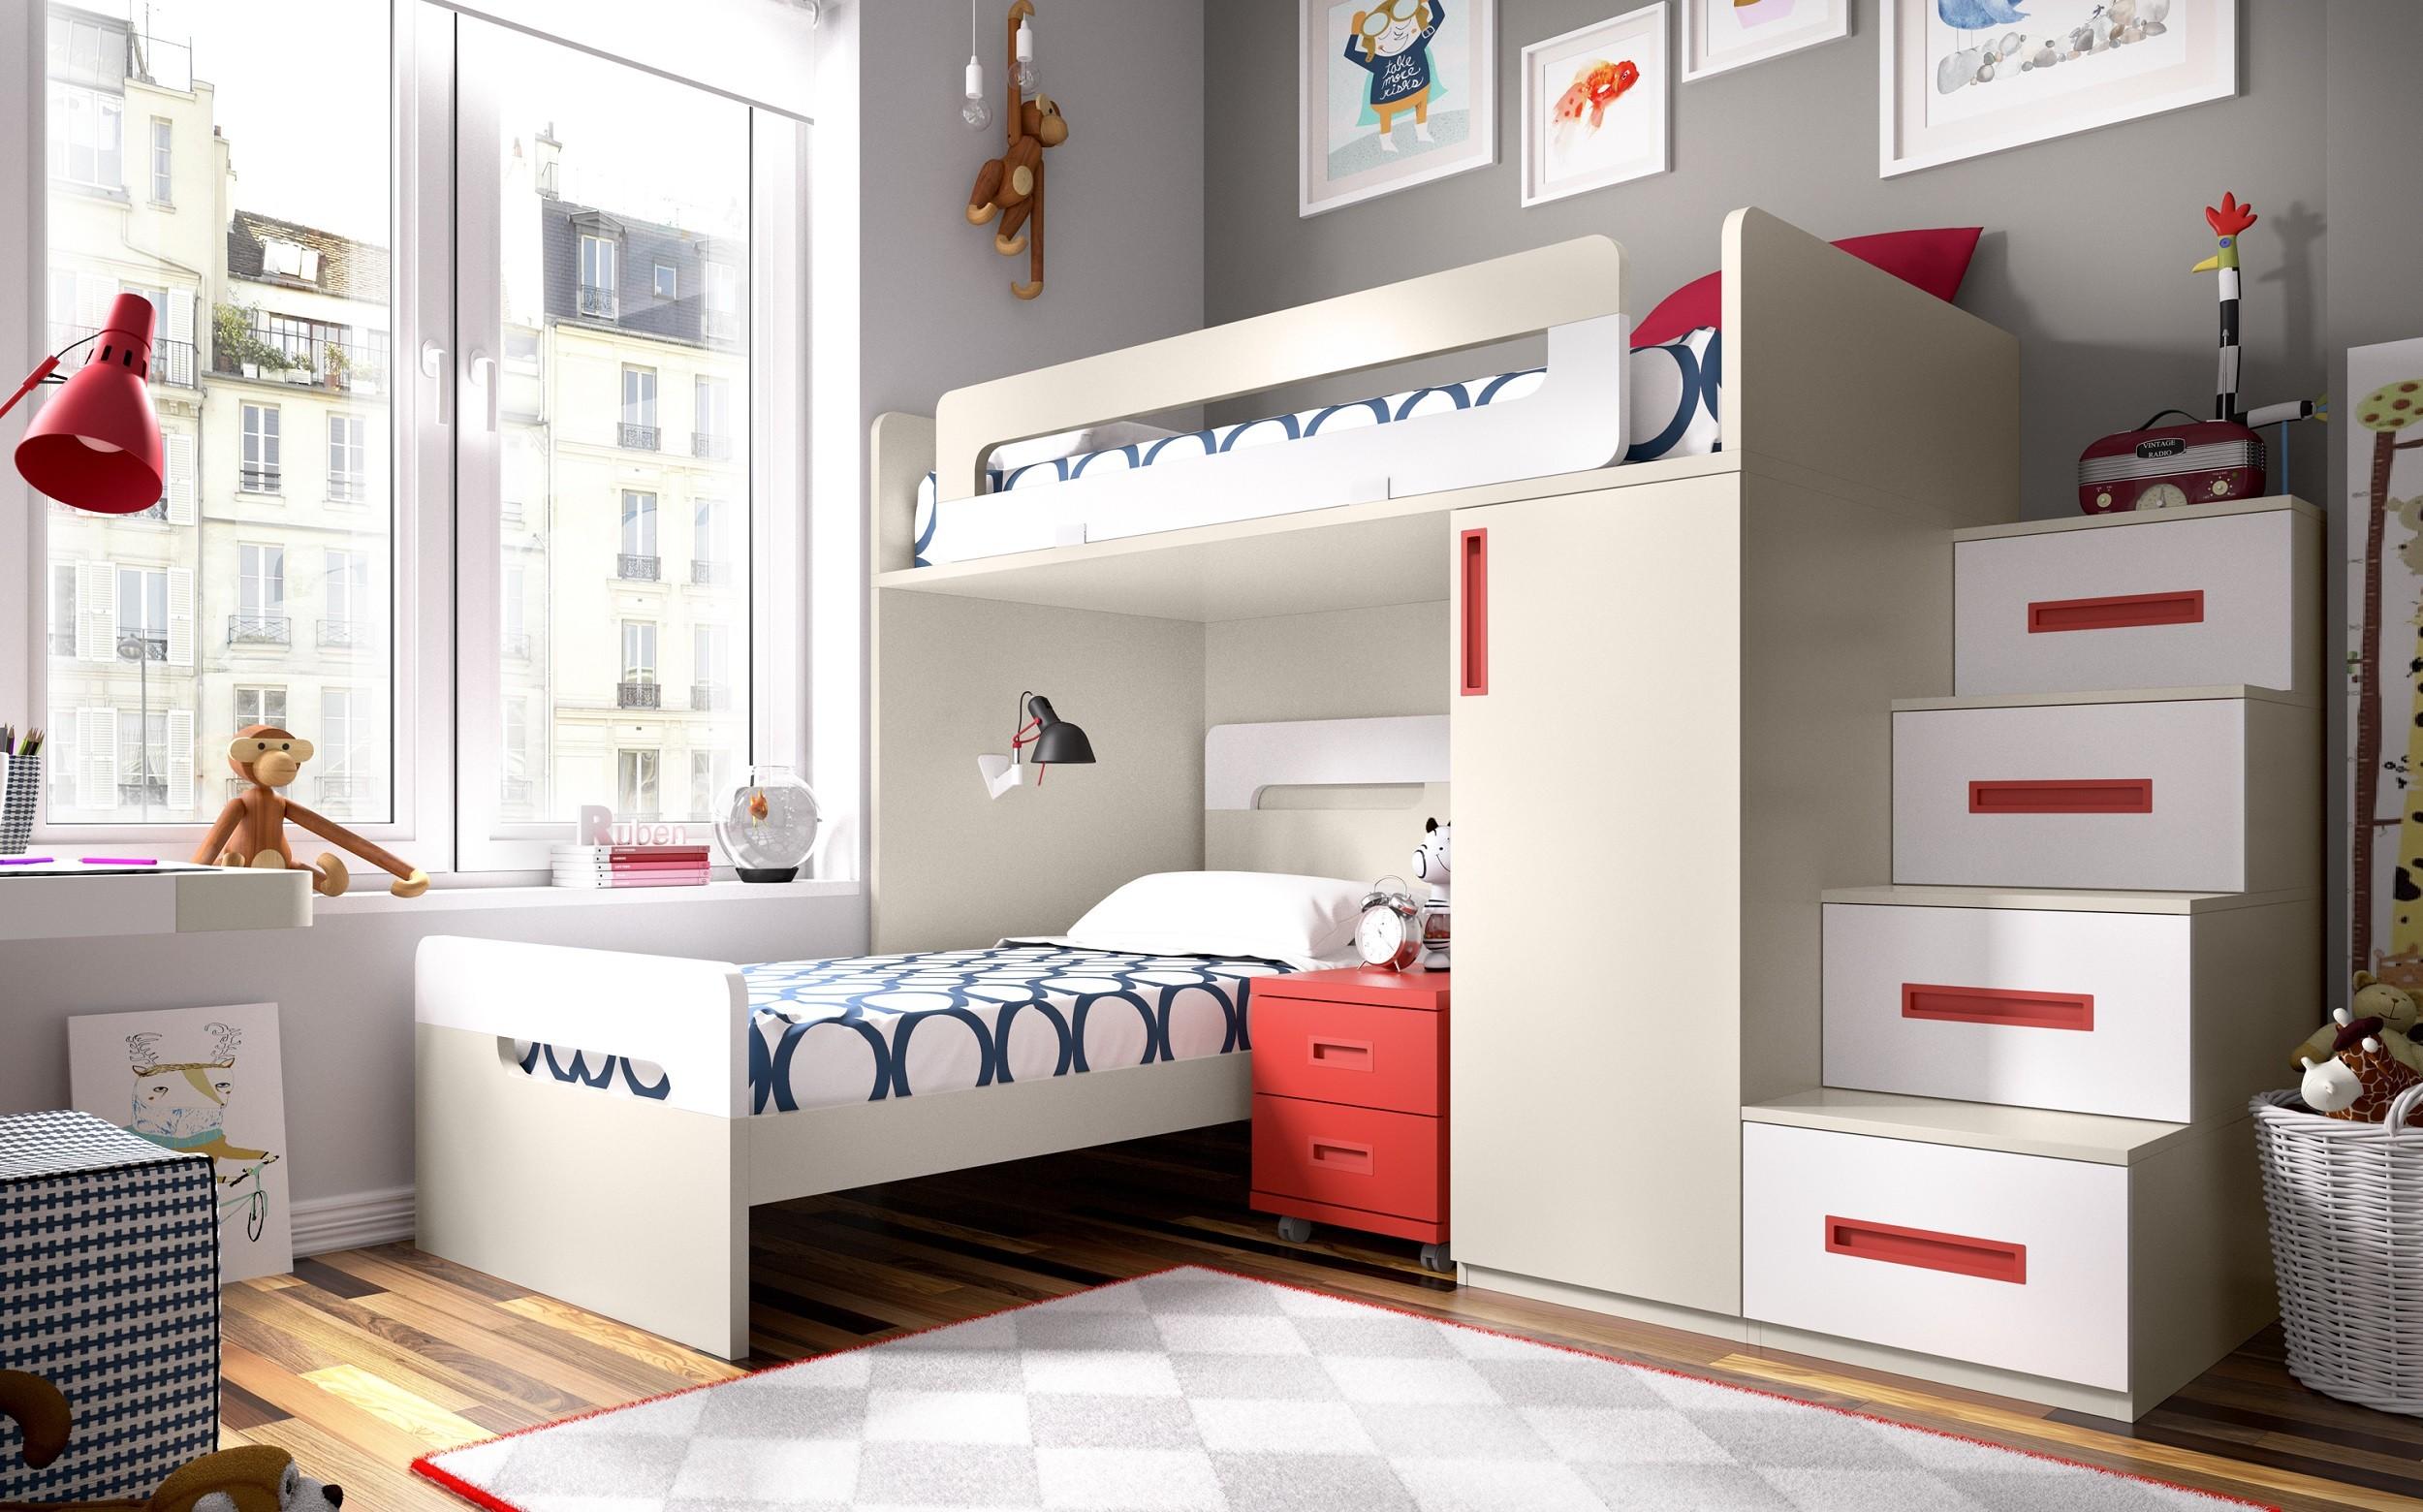 Full Size of Hochbett Kinderzimmer Jump 321 Und Jugendzimmer Sets Regal Weiß Sofa Regale Kinderzimmer Hochbetten Kinderzimmer